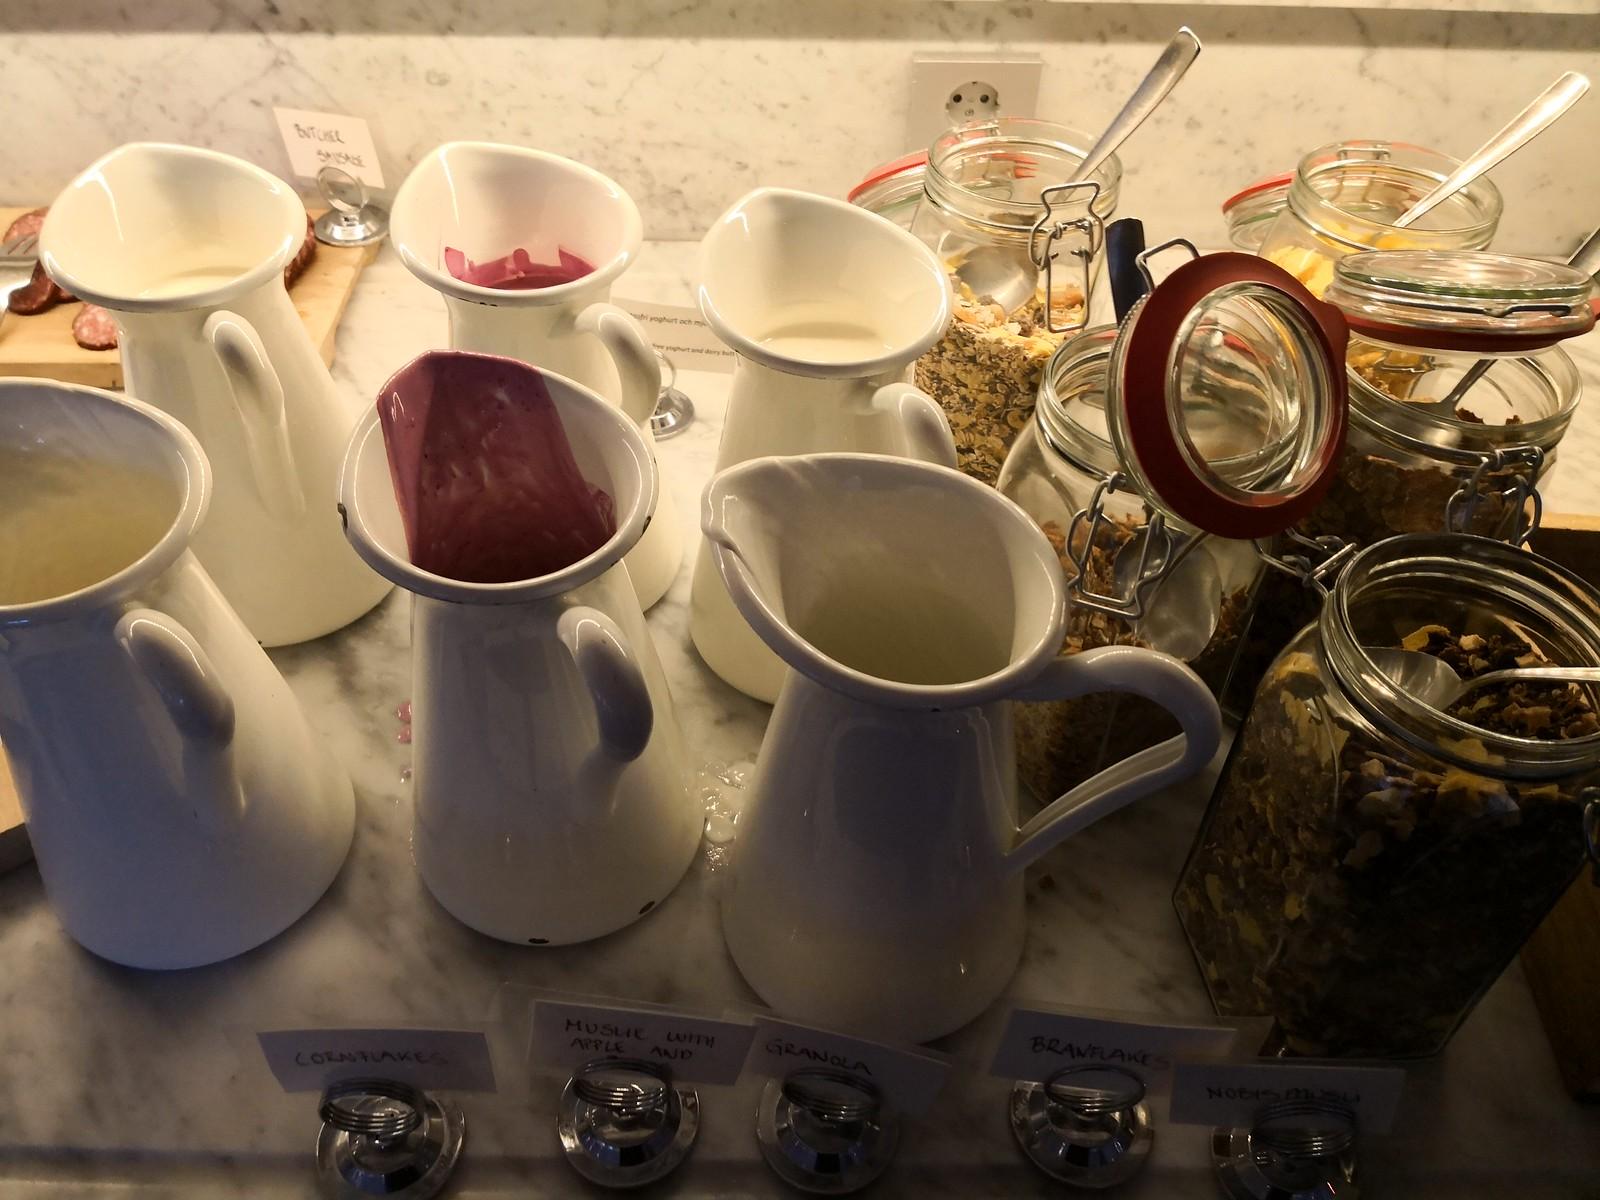 Granola and muesli in jugs